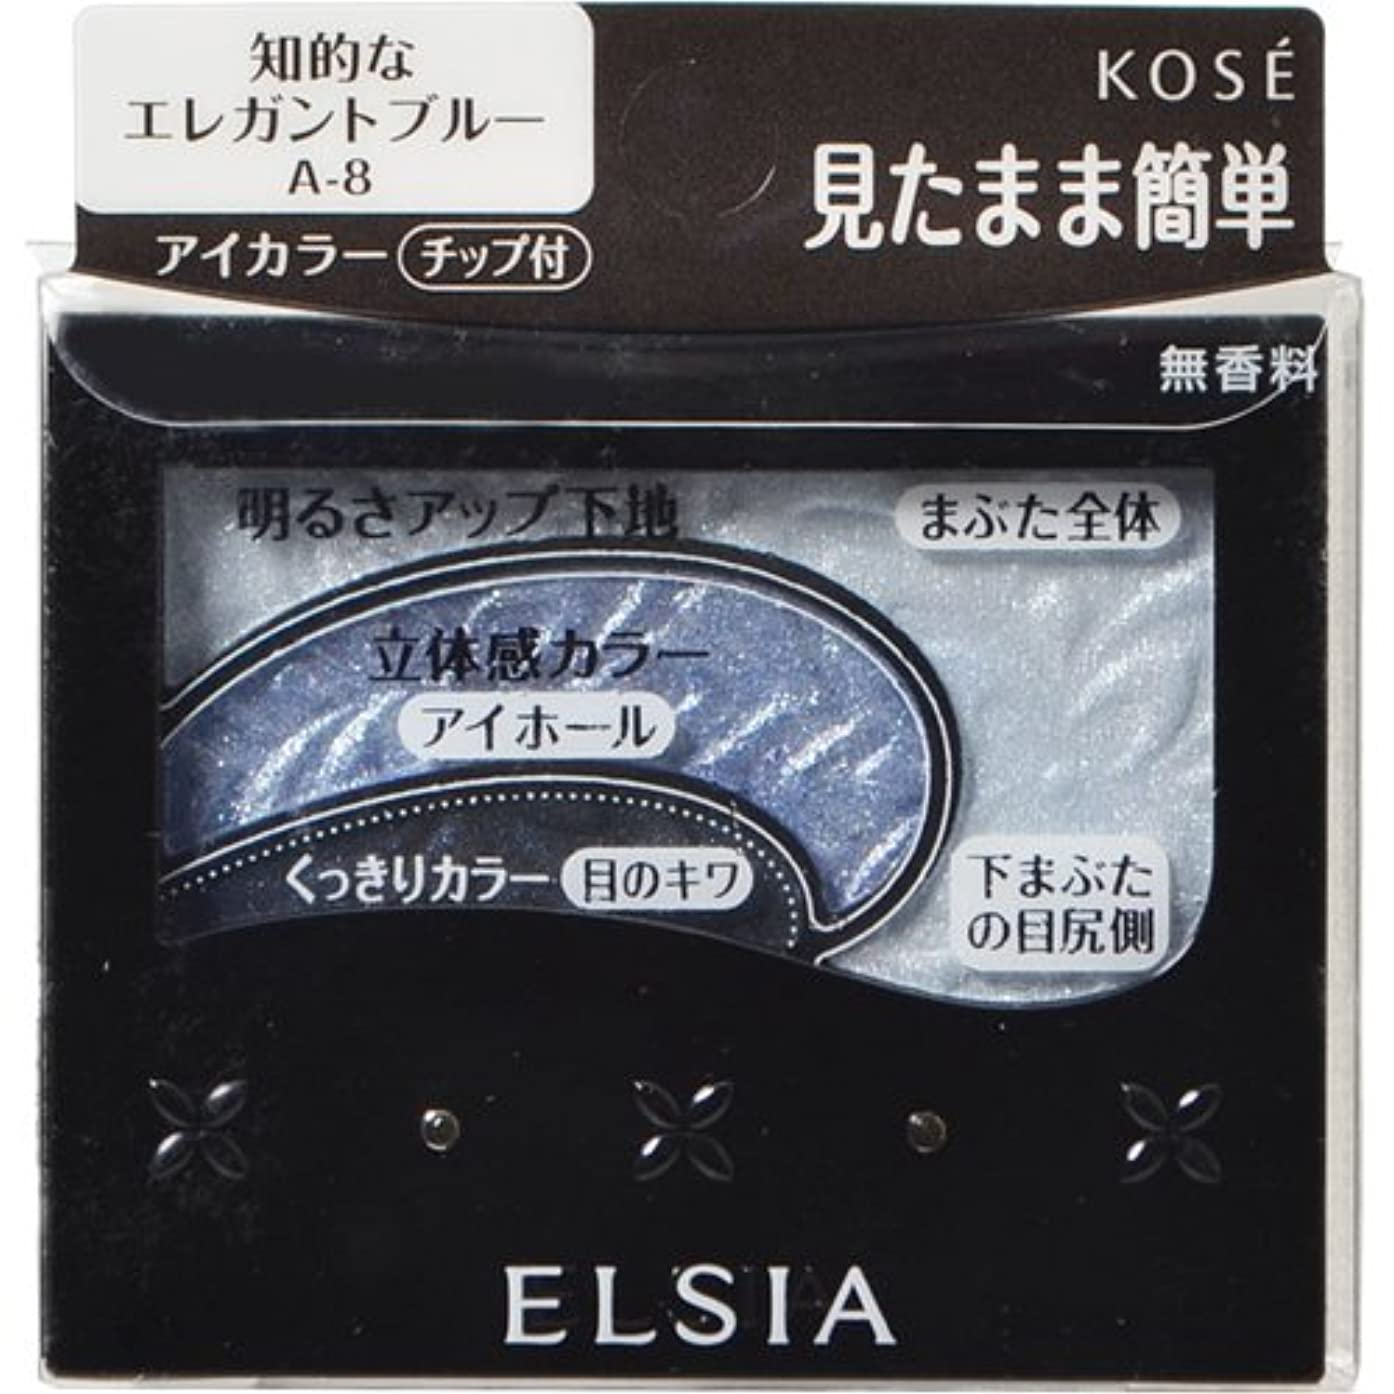 眠いですピジンフィットコーセー エルシア そのまま簡単仕上げ アイカラー #008 2.8g